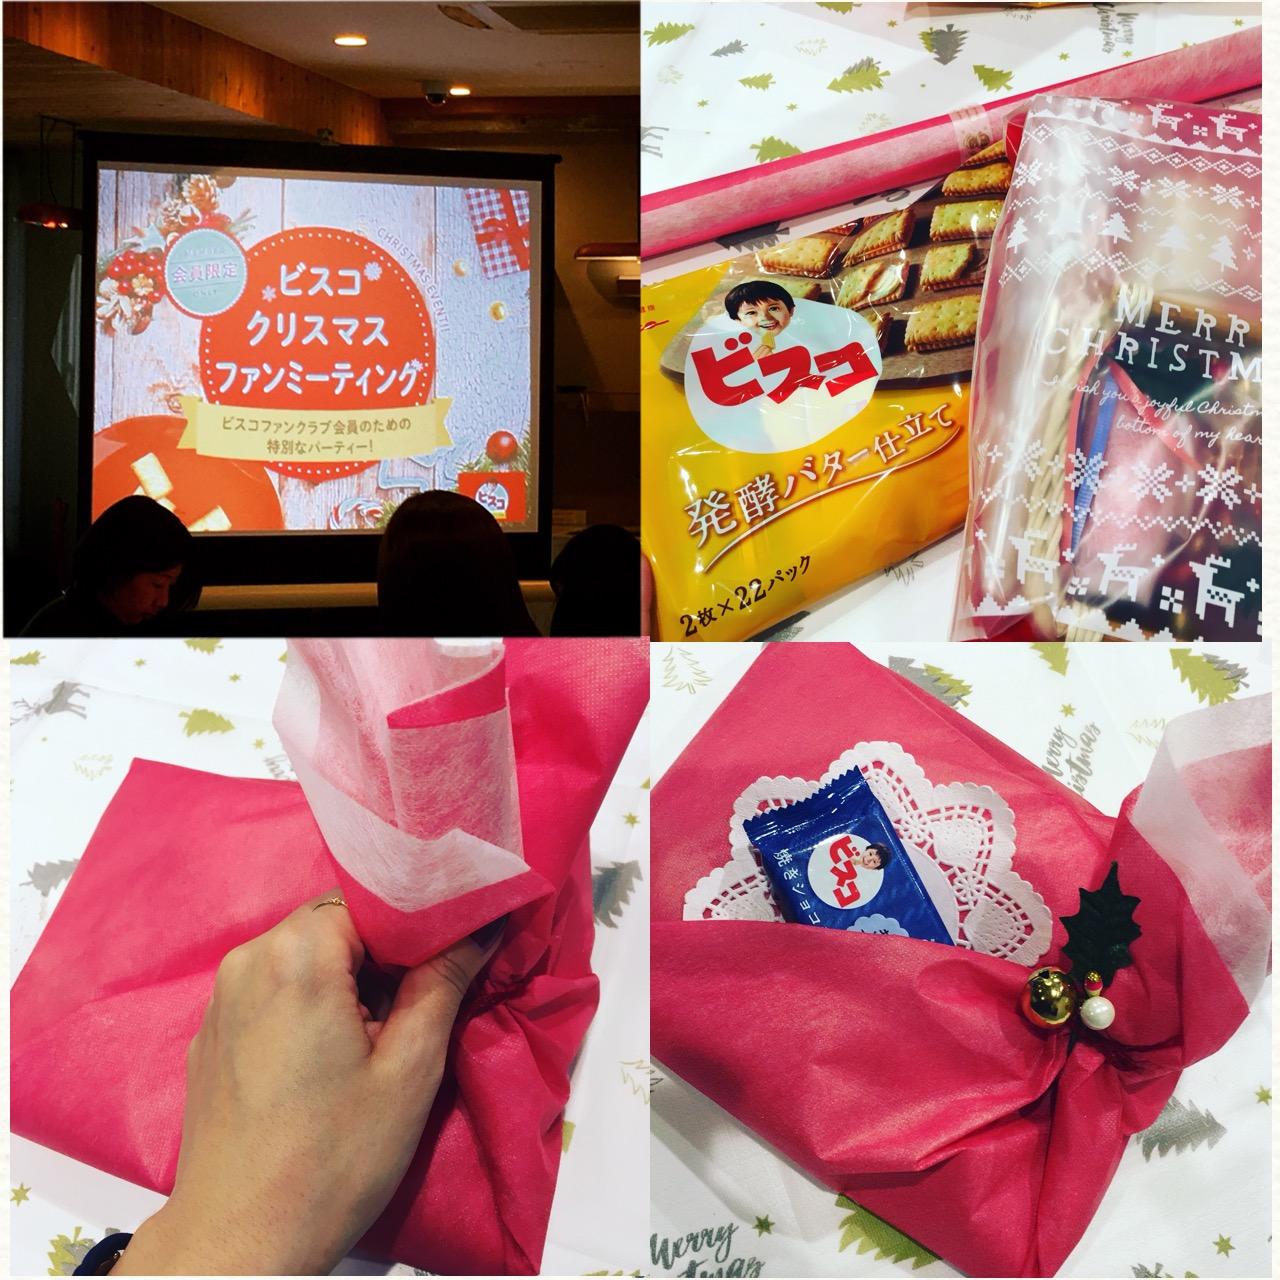 """ビスコLOVERが集まるクローズドイベント!""""ビスコ クリスマスファンミーティング""""に参加してきました♡_2"""